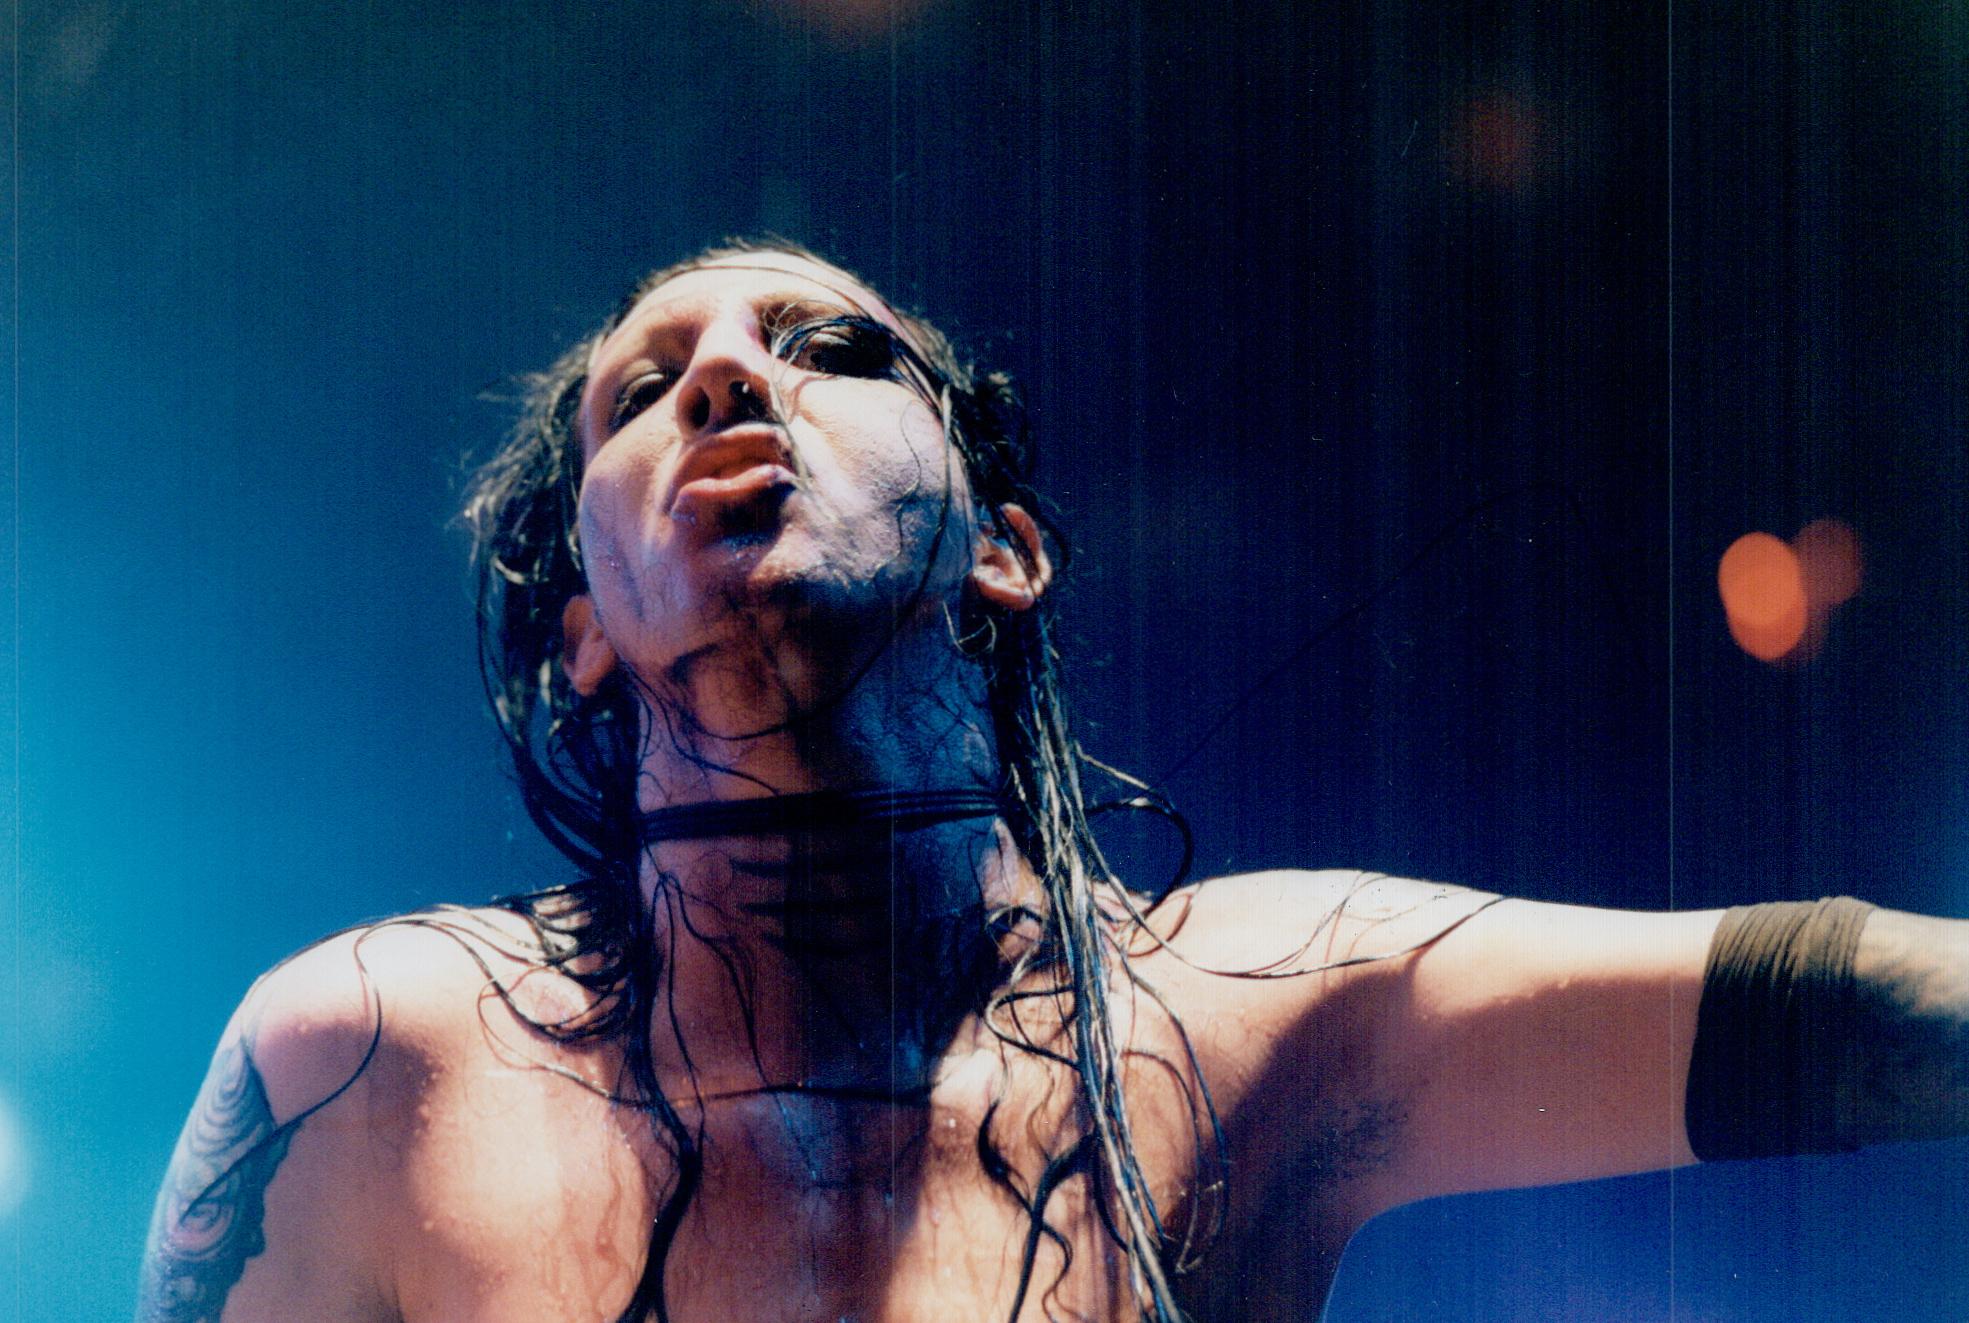 Marilyn Manson: Sympathy for the Devil